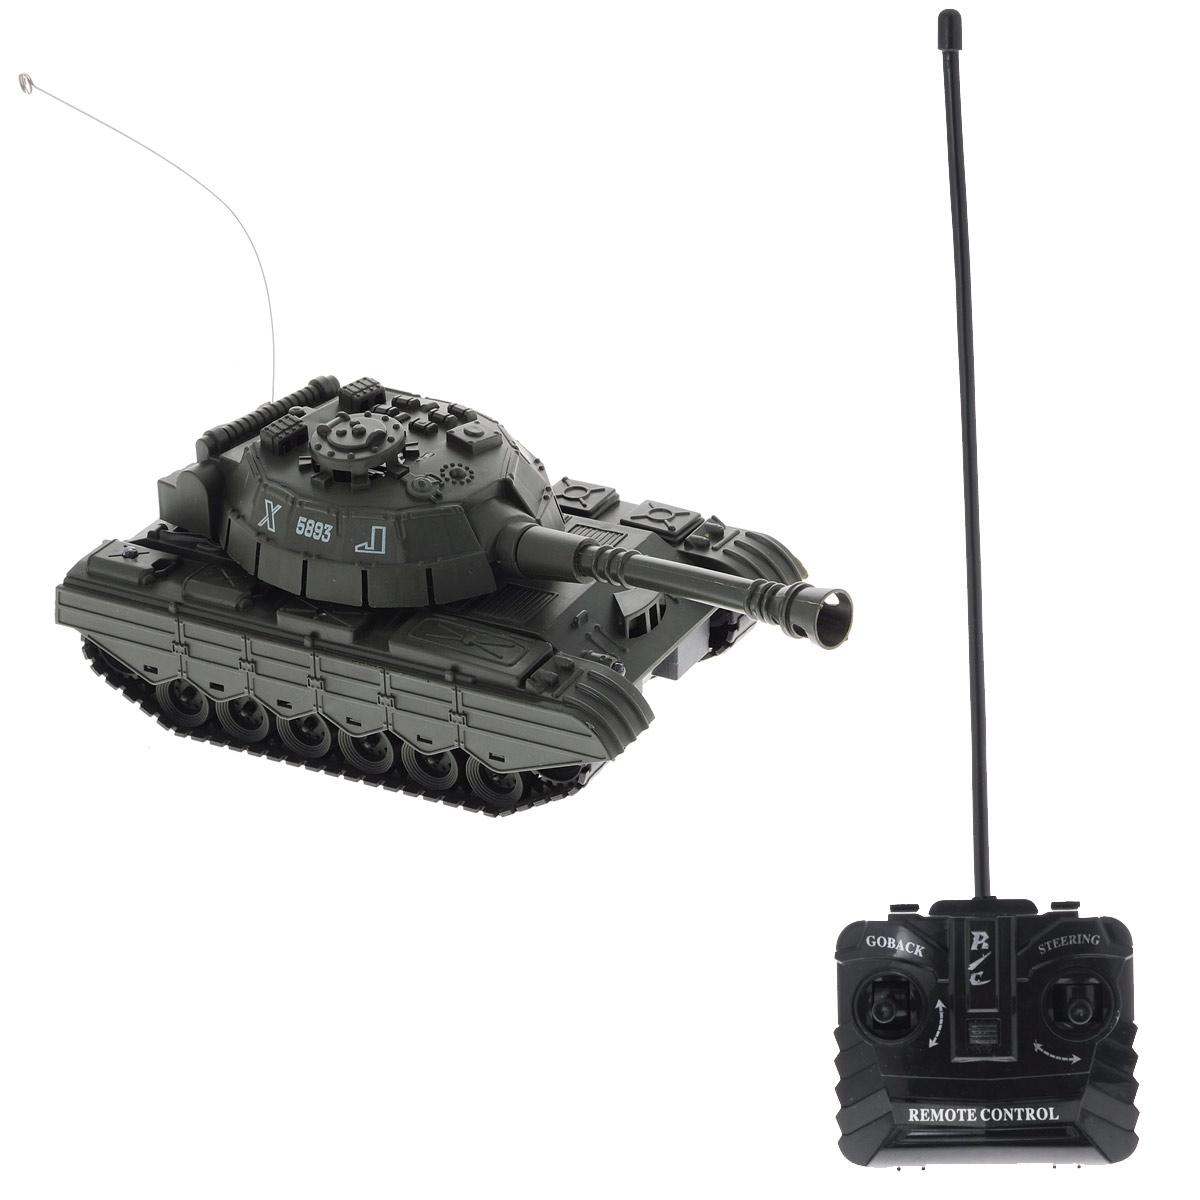 ABtoys Танк на радиоуправлении C-00115 цвет зеленыйC-00115 т.-зеленыйРадиоуправляемая модель ABtoys Боевой танк - отличный подарок не только ребенку, но и взрослому, увлекающемуся военной техникой. Танк изготовлен из прочного пластика, оснащен светодиодами, загорающимися во время вращения башни. Игрушка выполнена с вниманием к деталям. Танк передвигается при помощи скрытых колесиков, что позволяет создать иллюзию гусеничного хода. Ствол танка поднимается и опускается. Танк имеет высокую скорость движения. При помощи пульта управления танк может двигаться вперед, назад, поворачивать влево и вправо на 360°. Радиоуправляемая модель подарит массу удовольствия и детям, и взрослым. С ней можно играть часами, придумывая различные истории или просто испытывая возможности танка. Порадуйте себя и своего ребенка таким замечательным подарком! Пульт управления работает от 2 батареек напряжением 1,5V типа АА (не входят в комплект), танк работает от 4 батареек напряжением 1,5V типа АА(не входят в комплект).